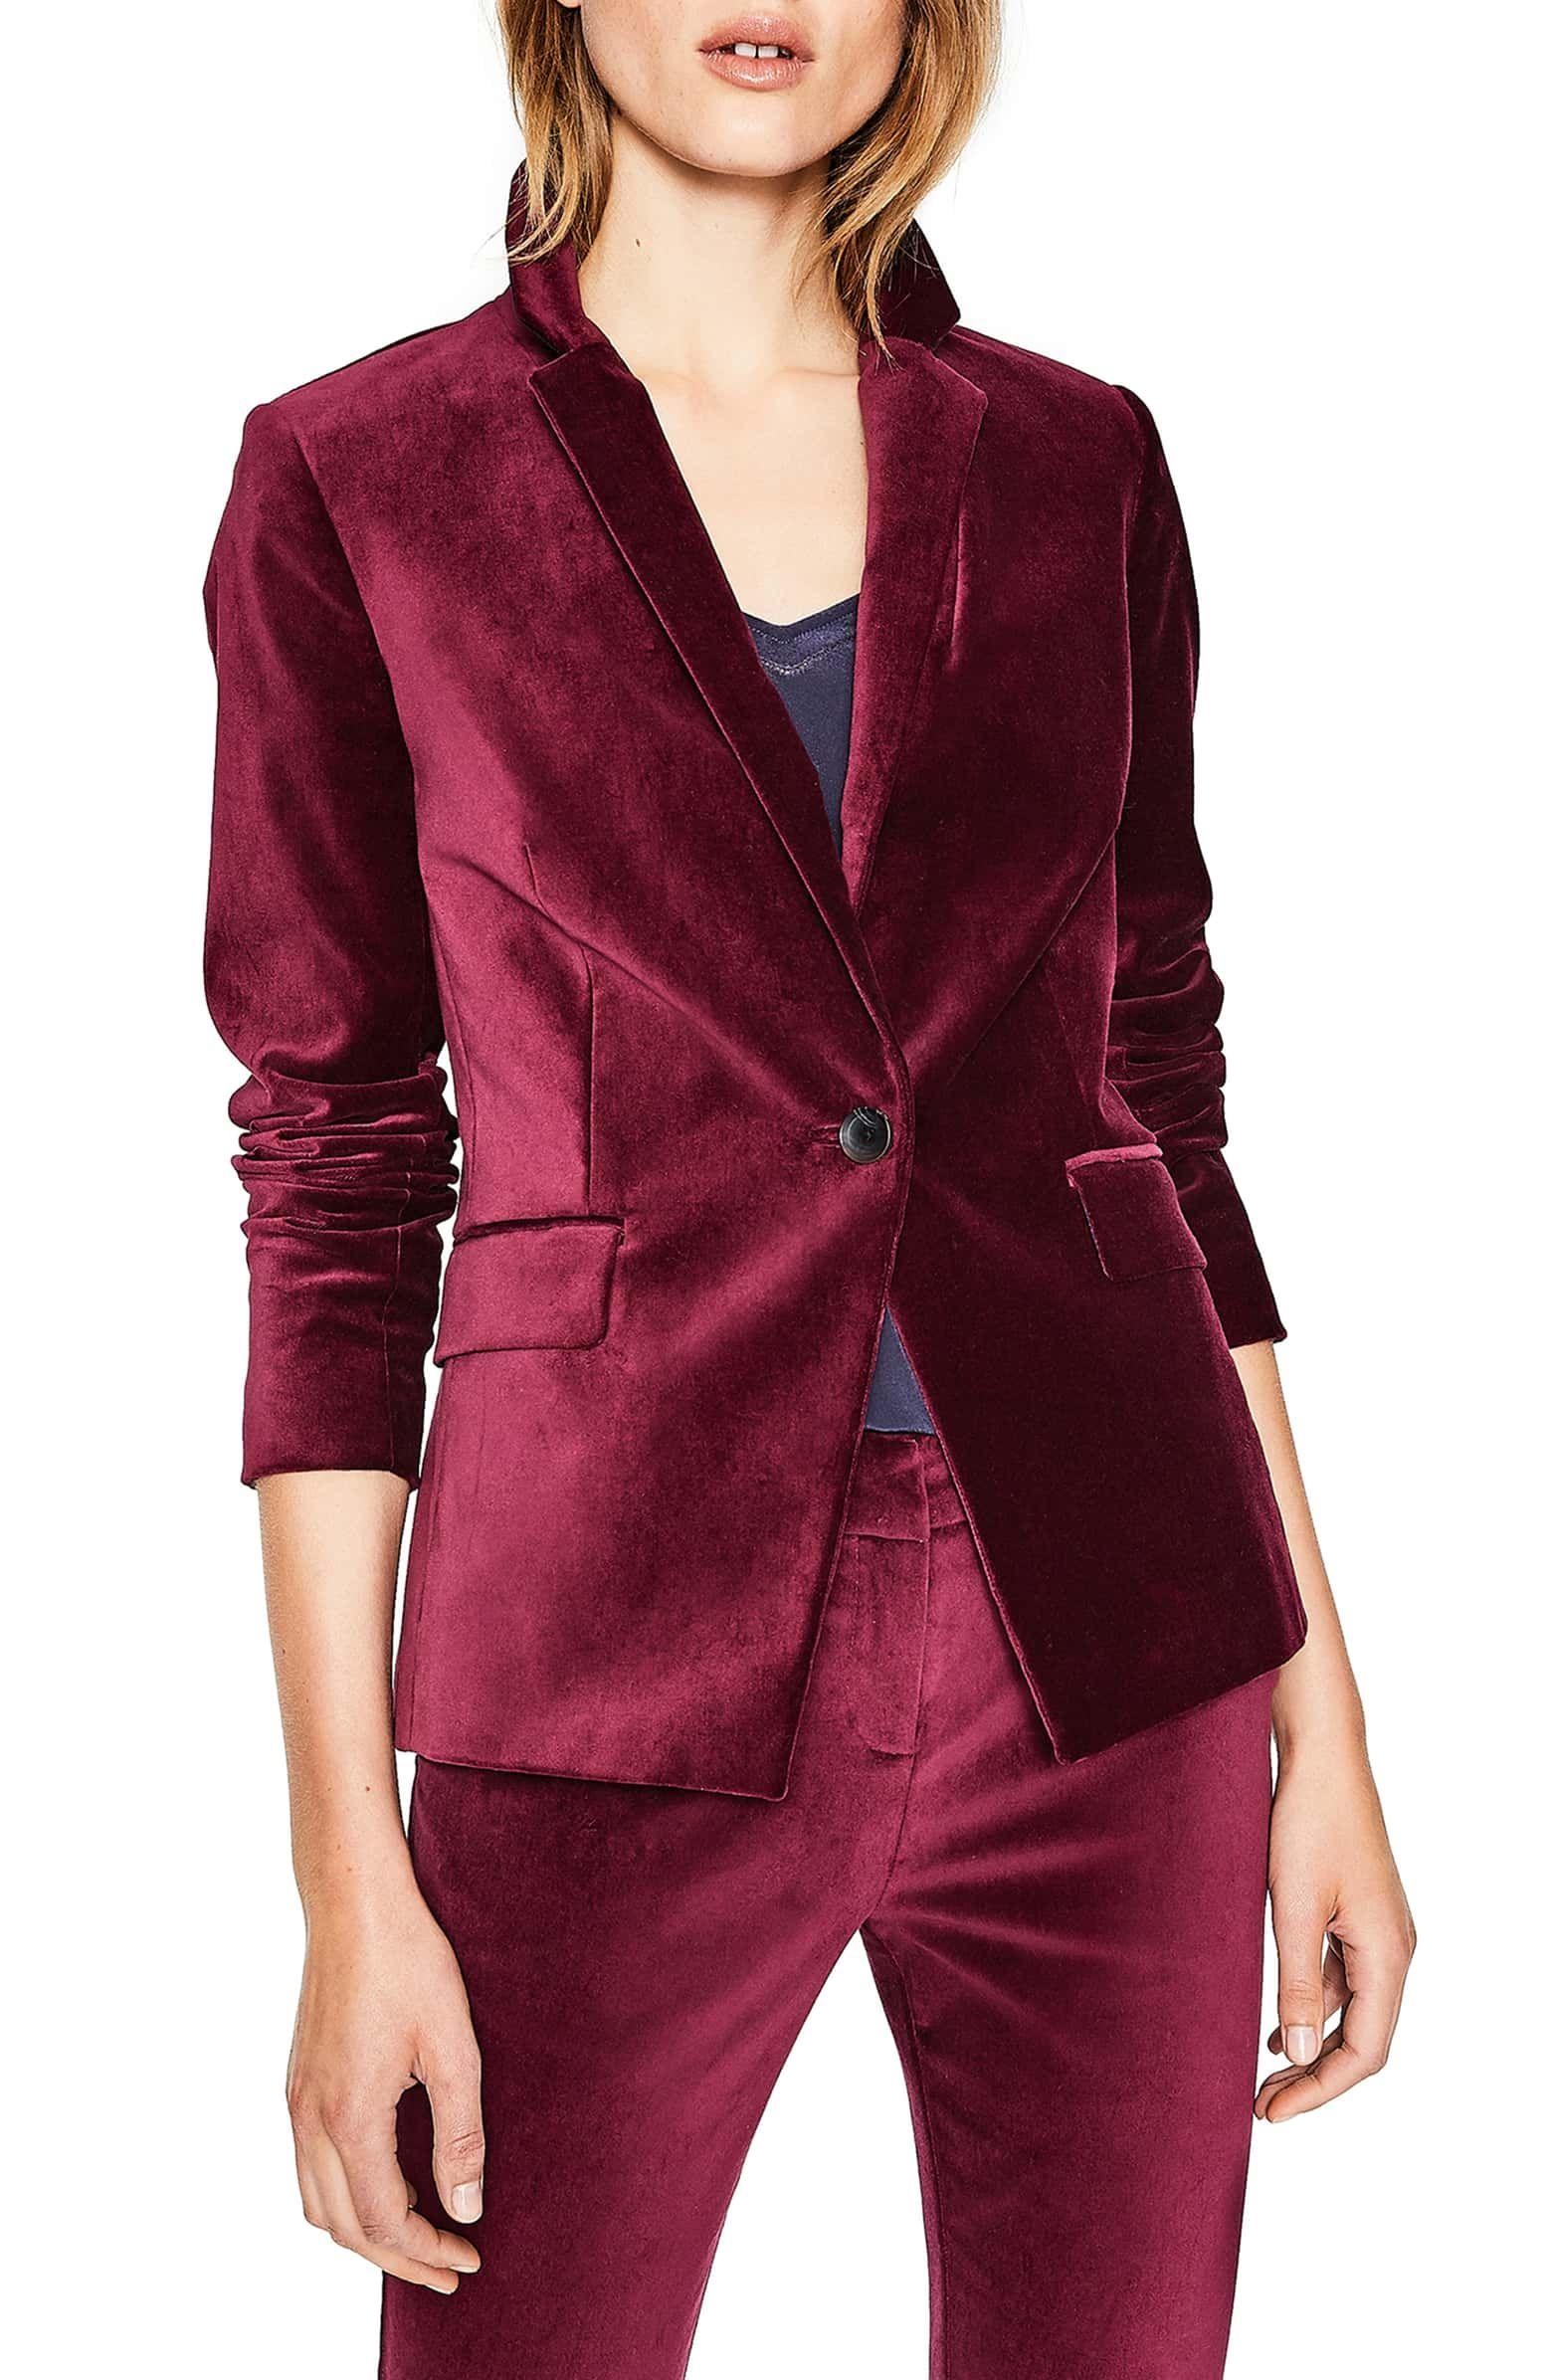 9 Best burgundy velvet blazer inspiration ideas | burgundy velvet blazer, velvet  blazer, burgundy blazer